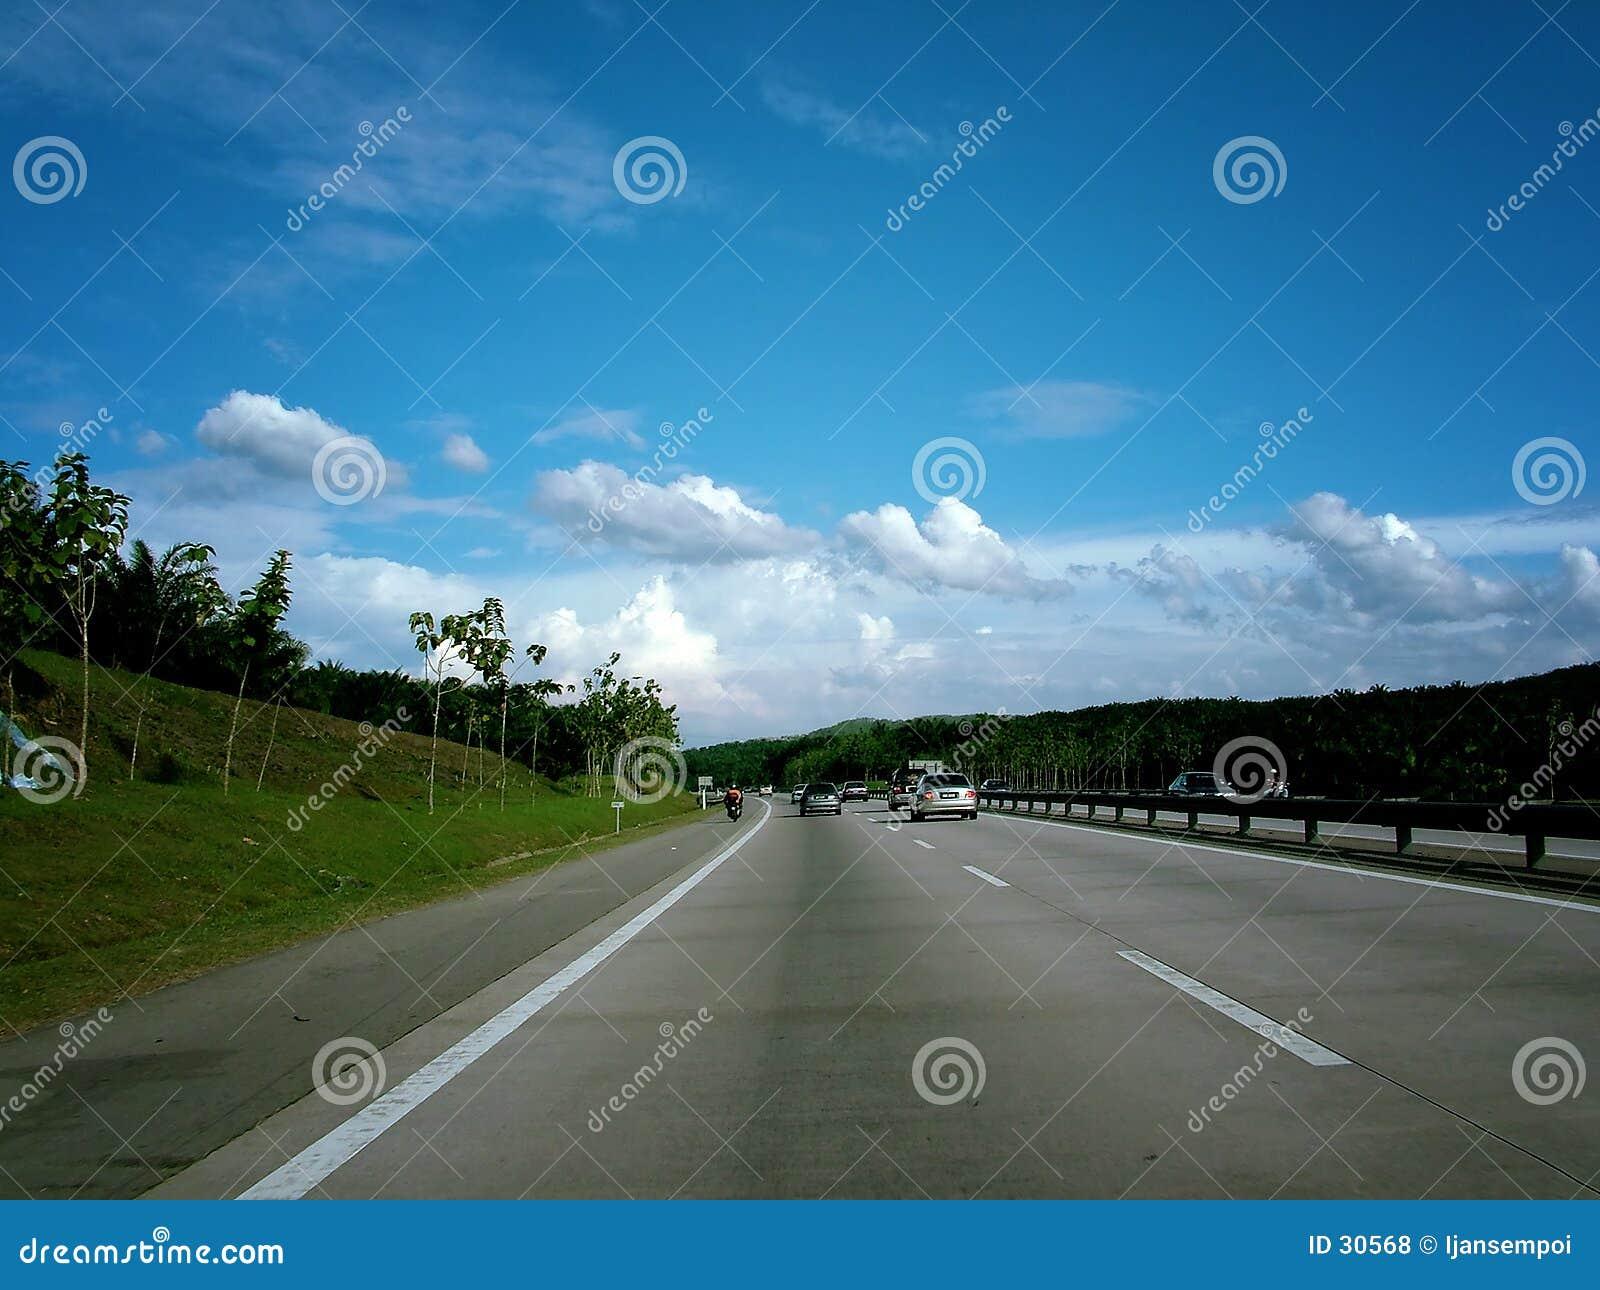 Download Datenbahnszene stockfoto. Bild von landschaft, super, blau - 30568